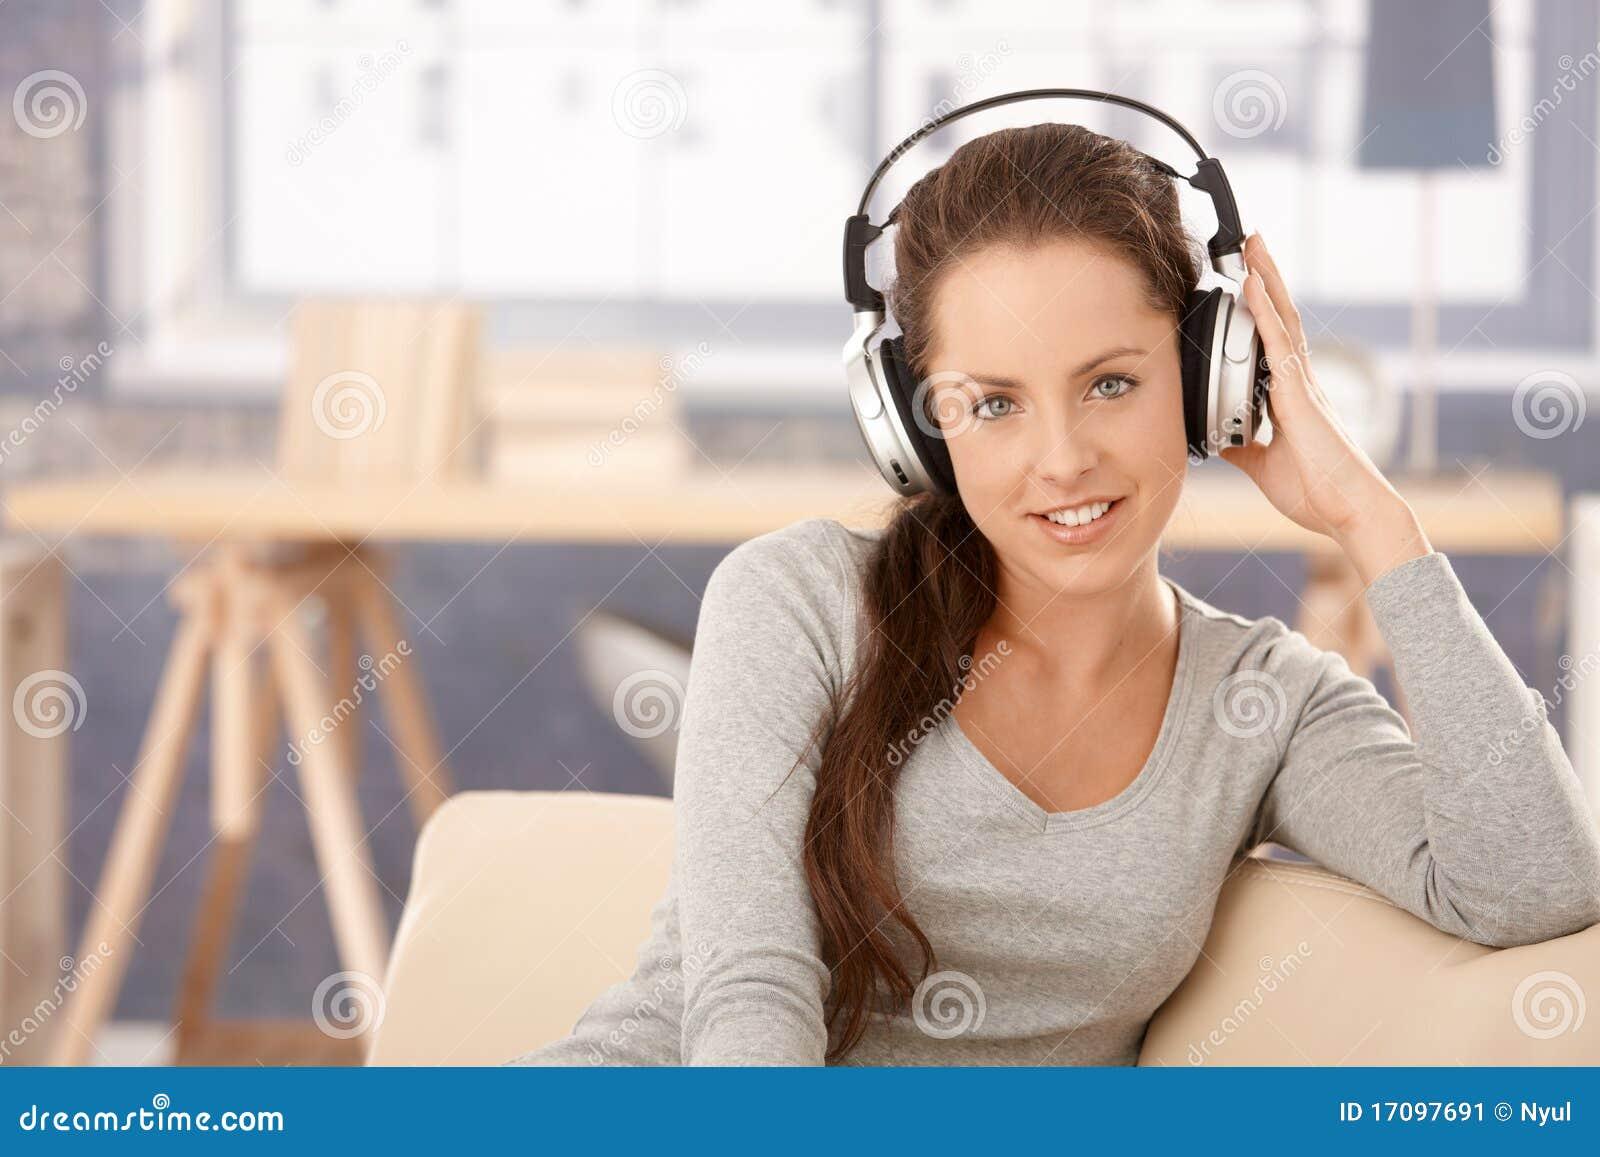 Ελκυστικό κορίτσι που ακούει τη μουσική που χαμογελά στο σπίτι